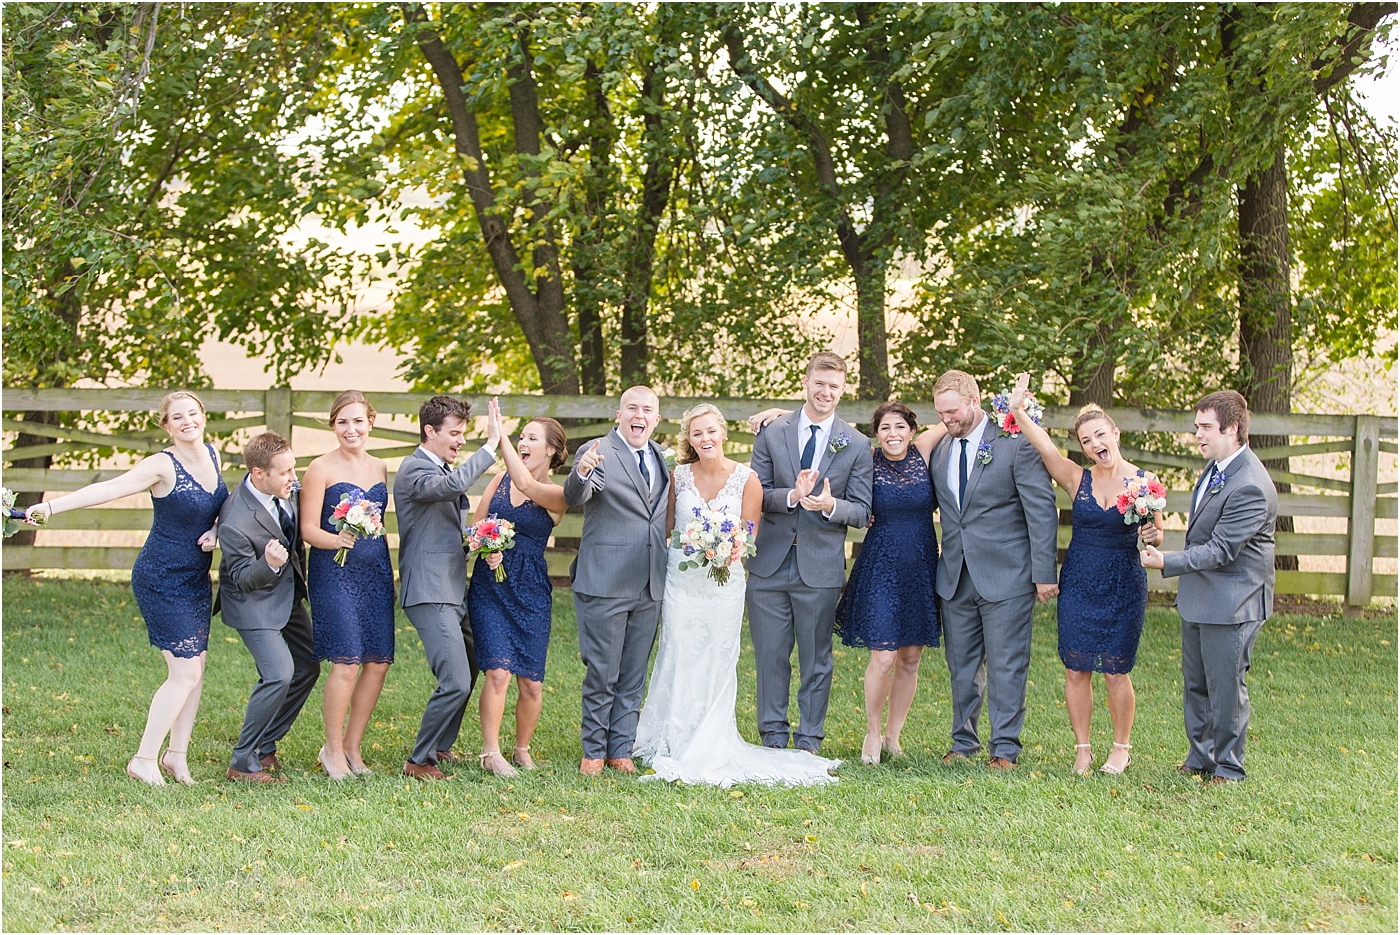 Walkers-Overlook-Wedding-48.jpg